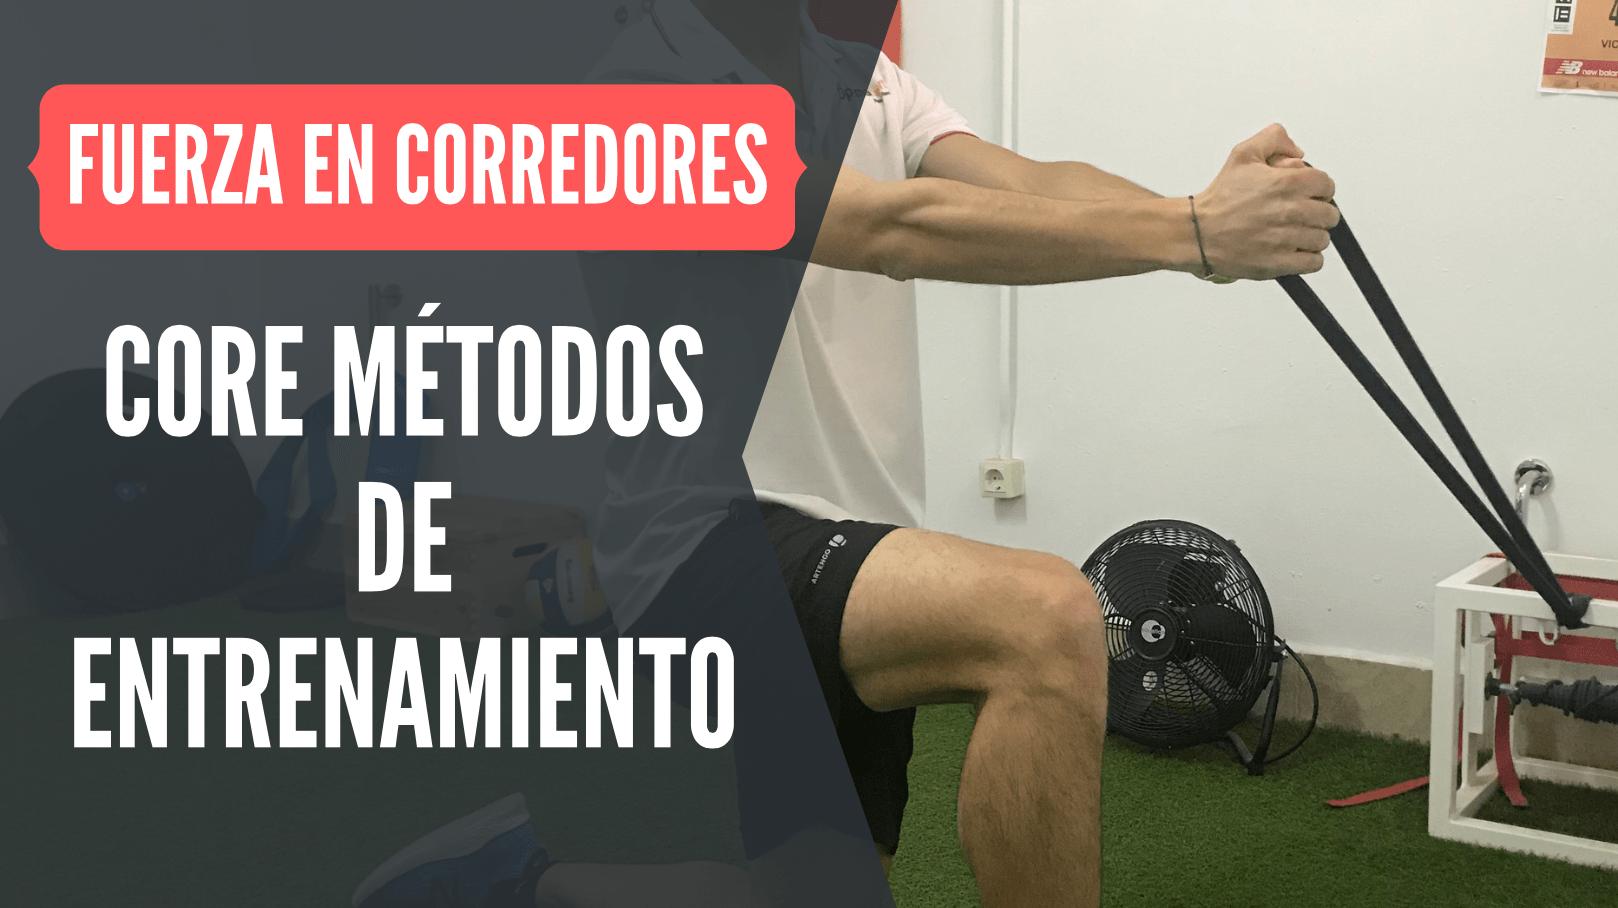 core metodos entrenamiento running